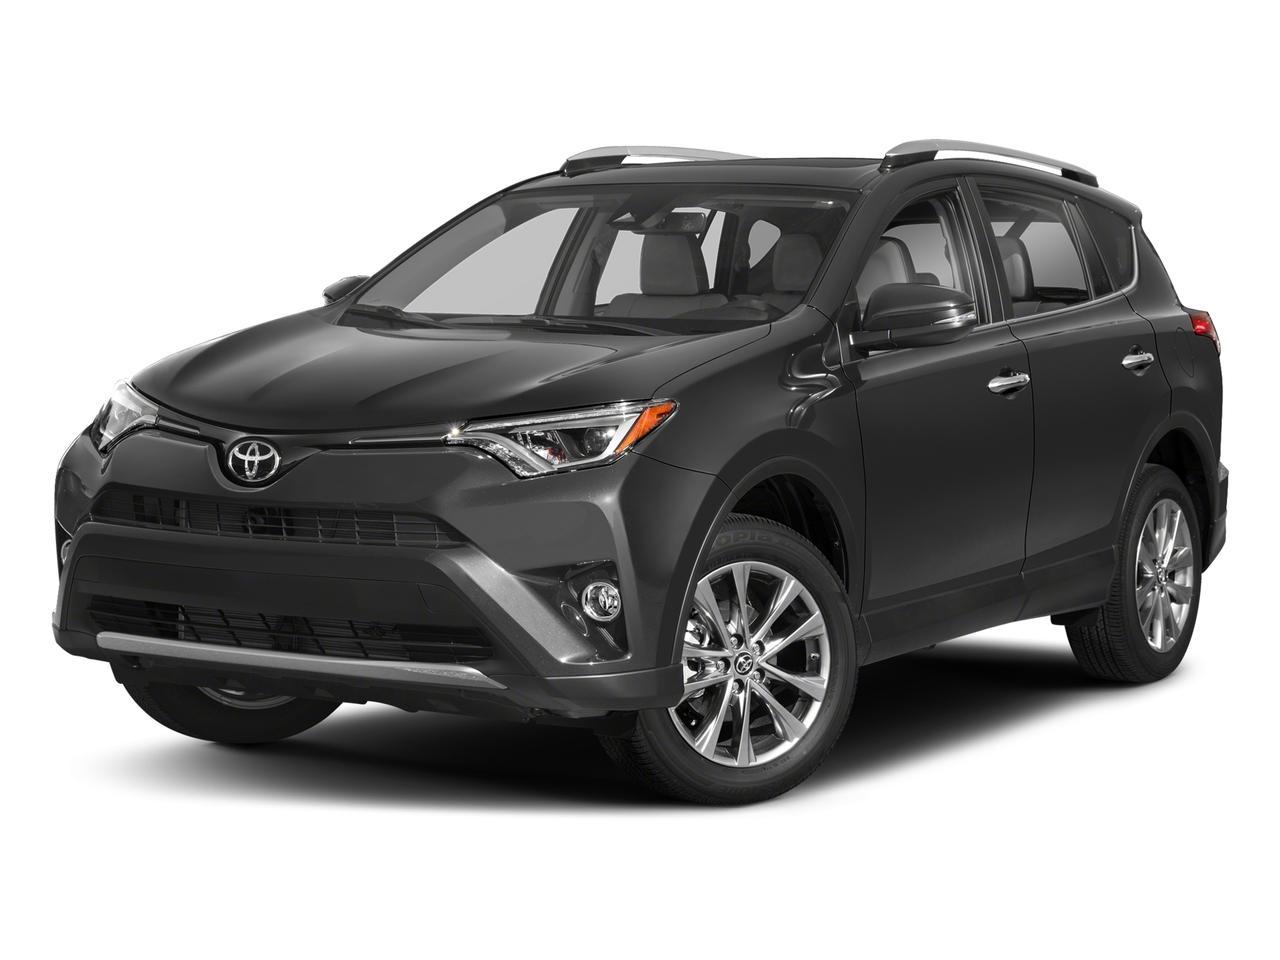 2018 Toyota RAV4 Vehicle Photo in Pawling, NY 12564-3219